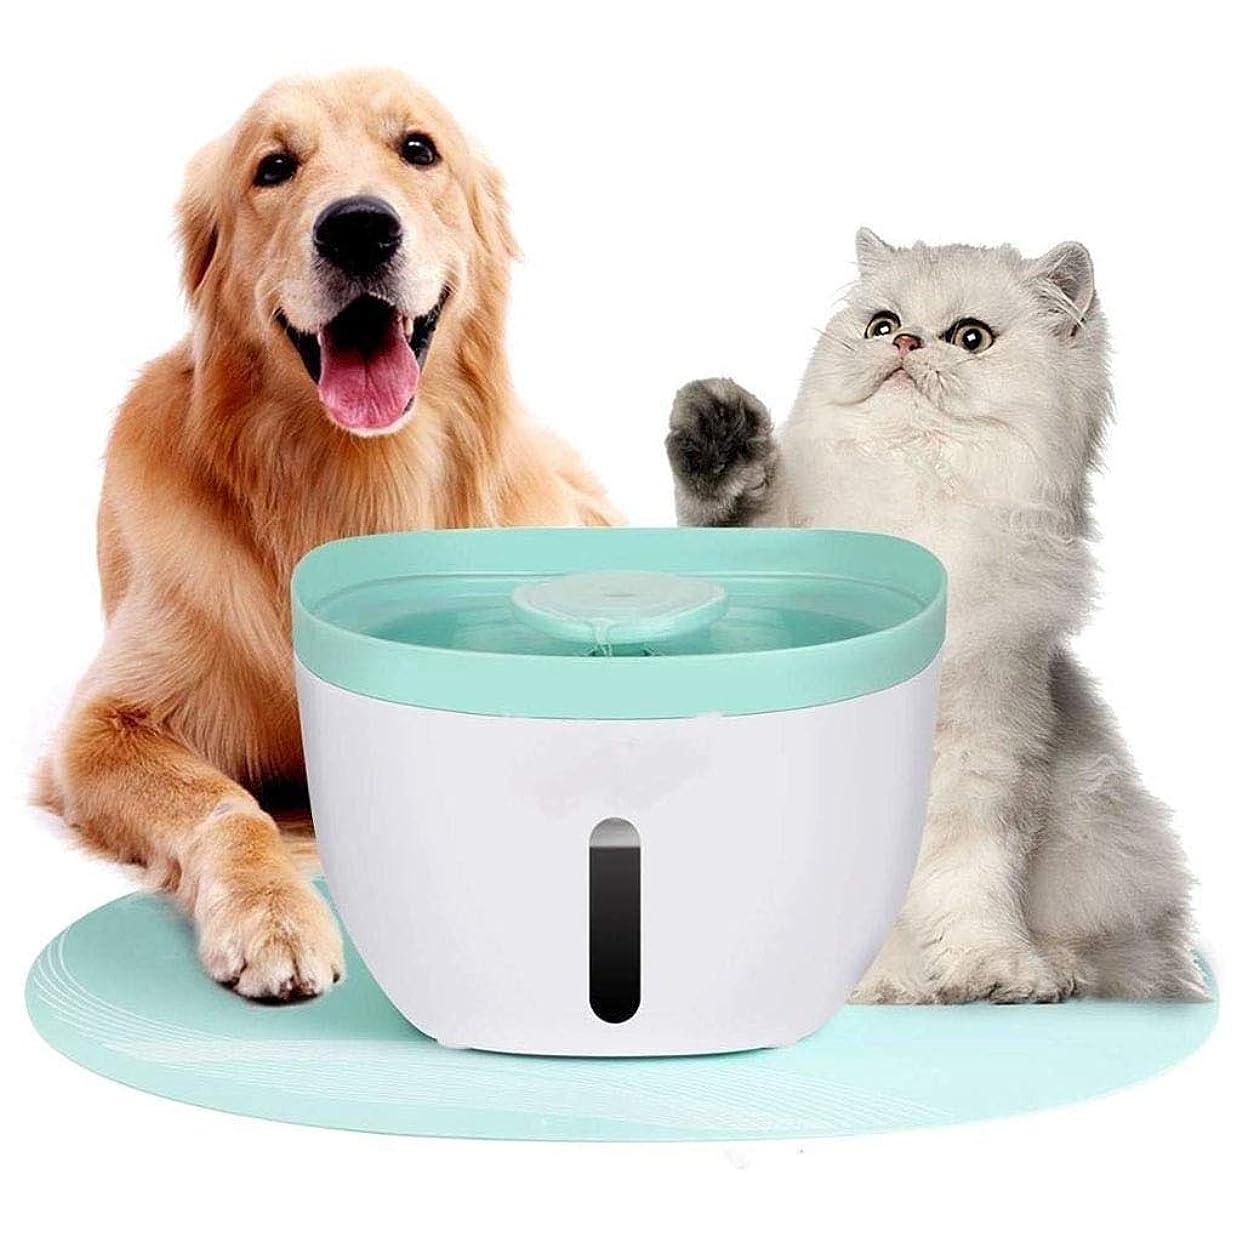 平凡凍ったレイプペットスマート飲料水機、猫と犬の飲料水タンク循環フィルター、酸素貯蔵浄水器2Lペットパートナー、ペットの泉,White